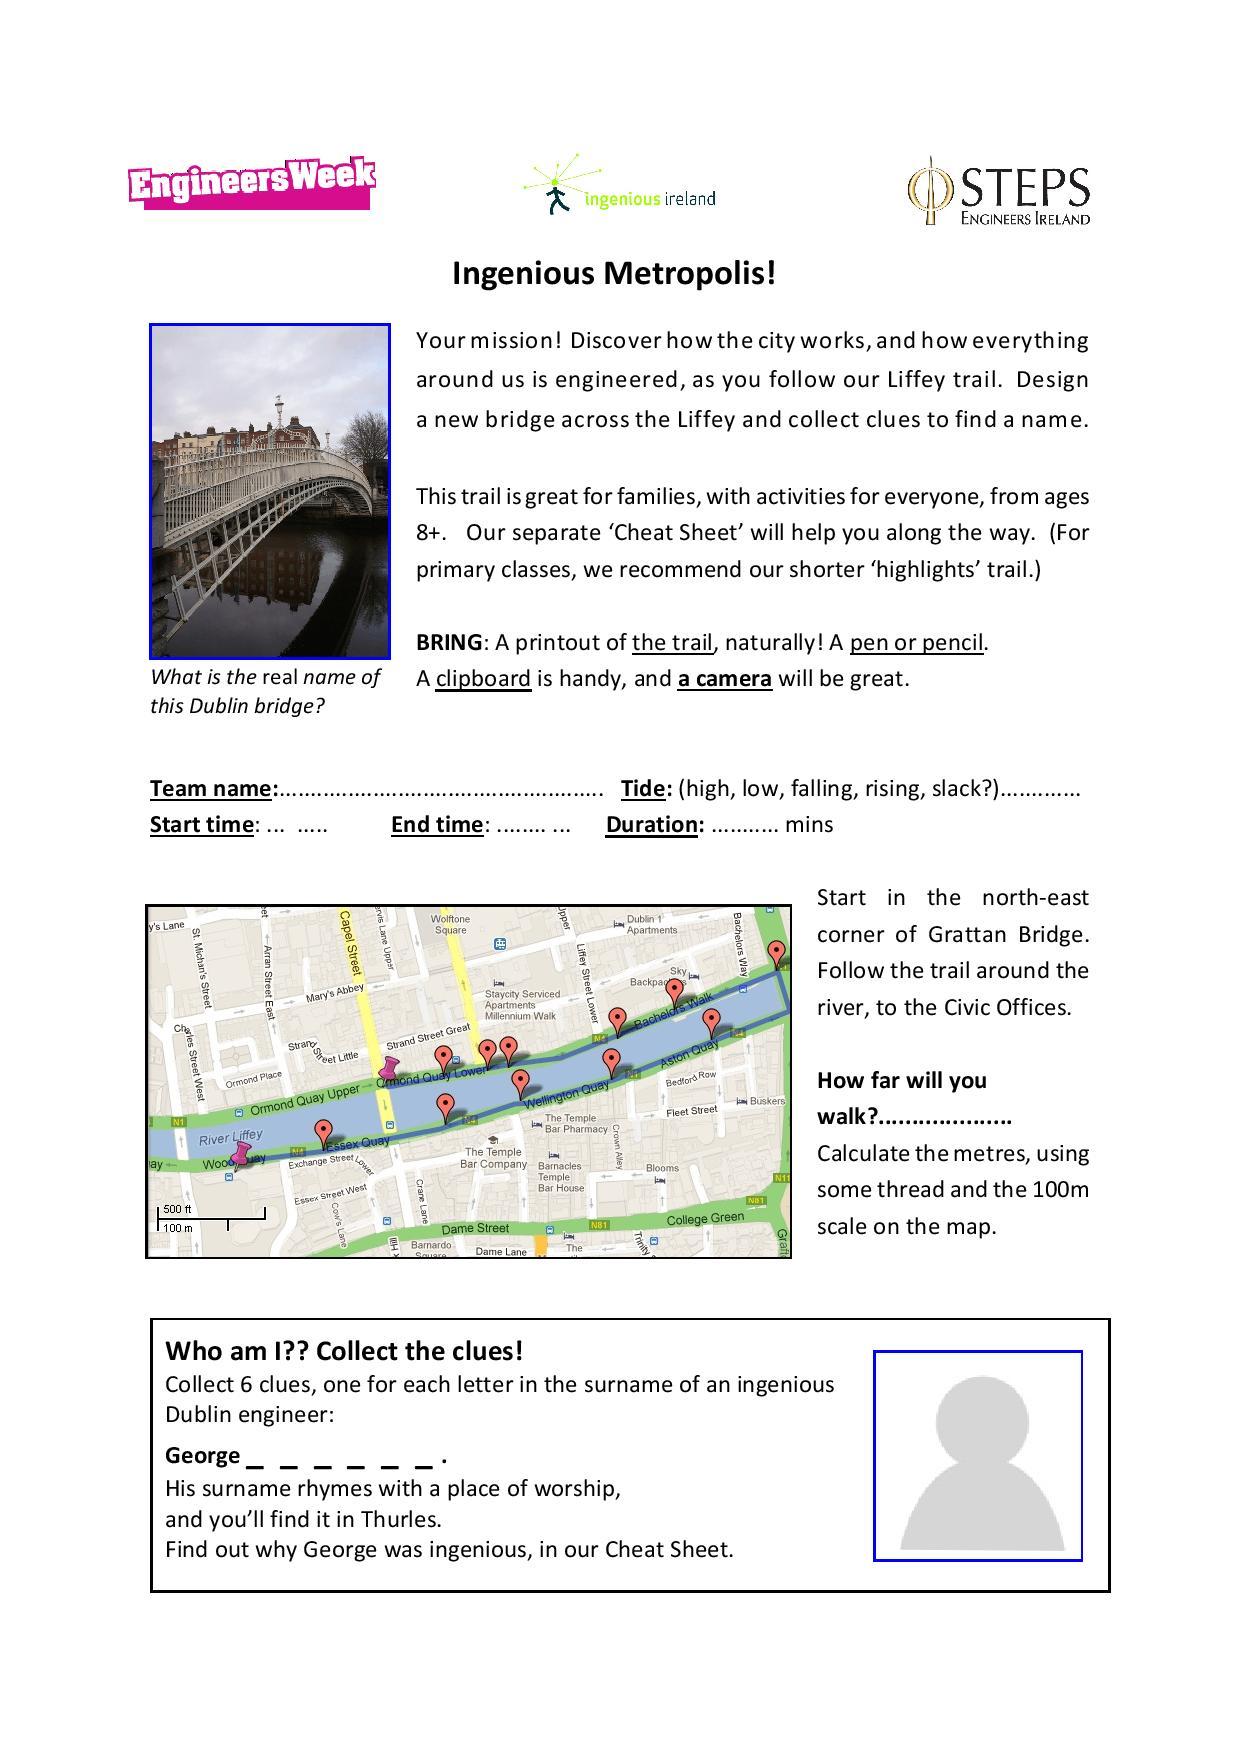 Ingenious_Ireland_Metropolis_trail-page-001